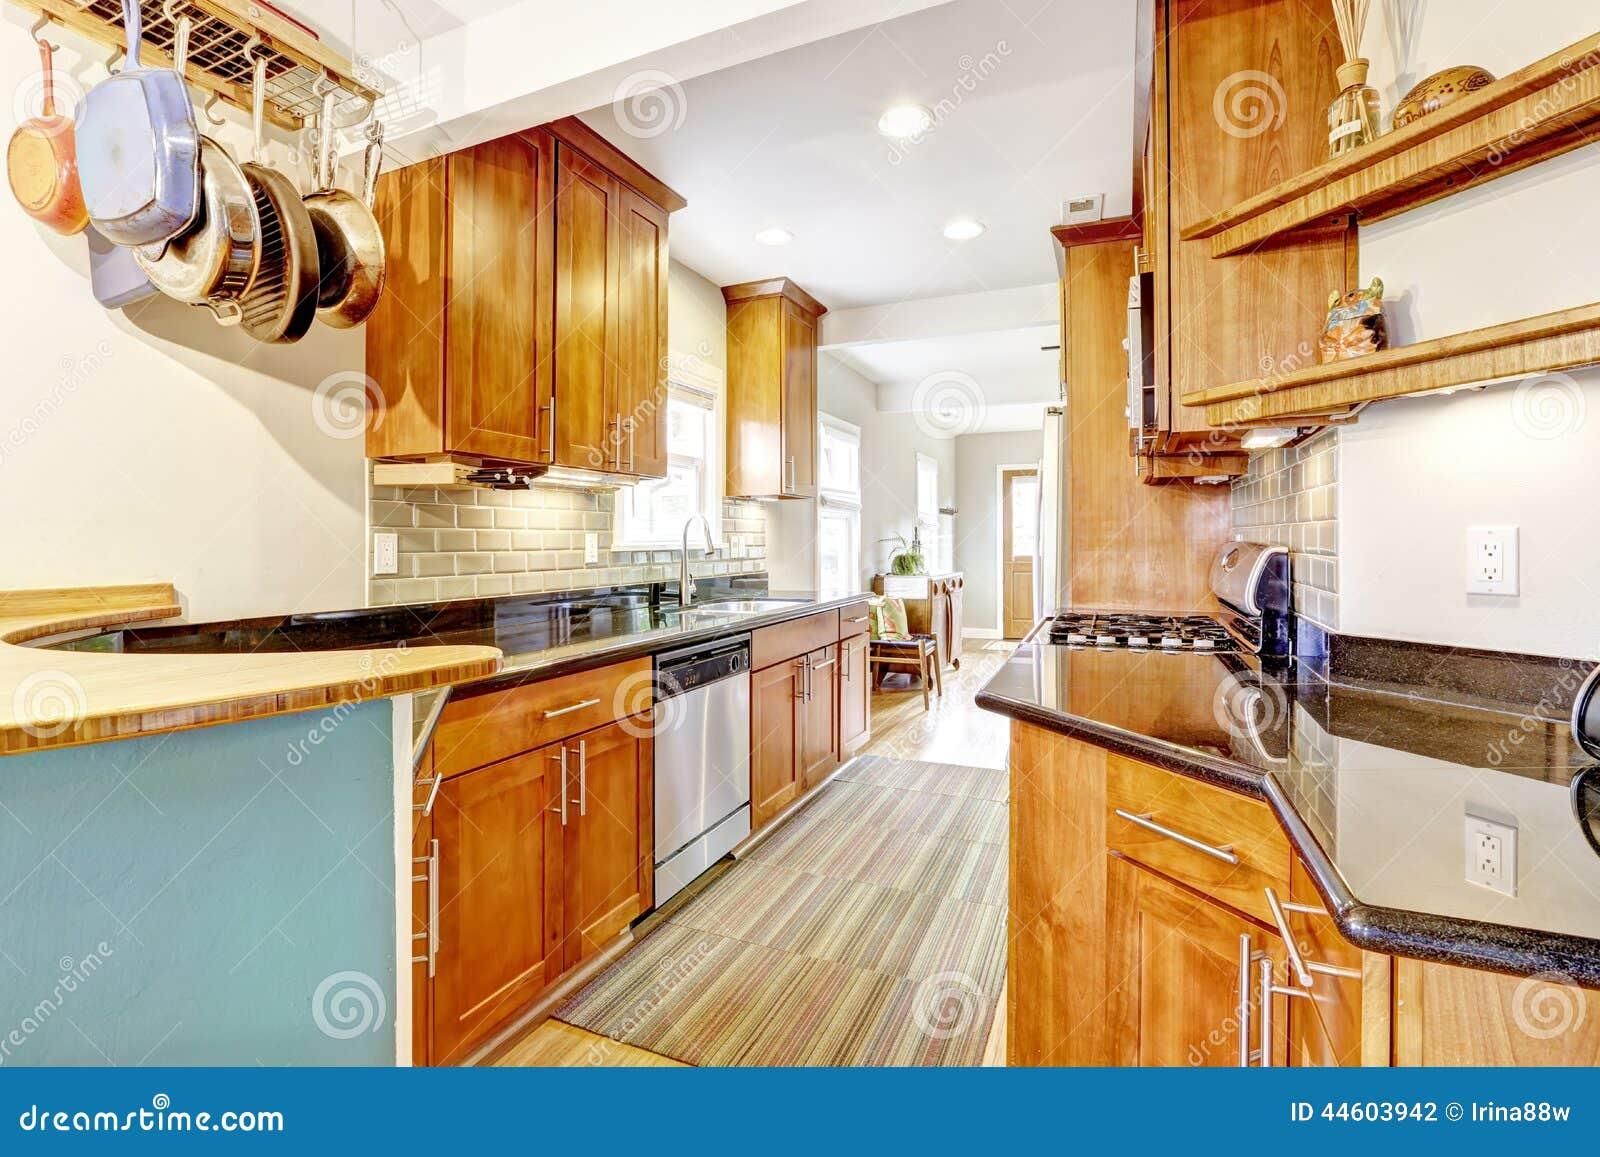 Keukenruimte Met Zwarte Granietbovenkanten En Versiering Van De ...